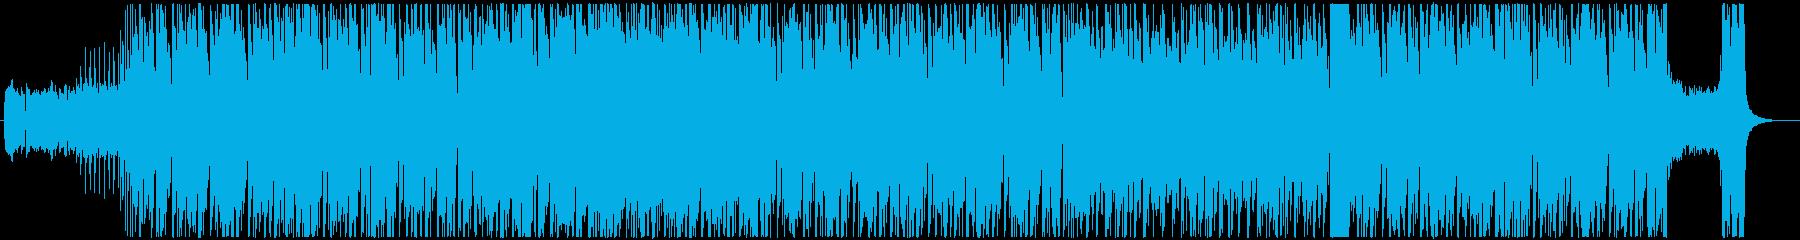 派手で疾走感のあるギターロックの再生済みの波形